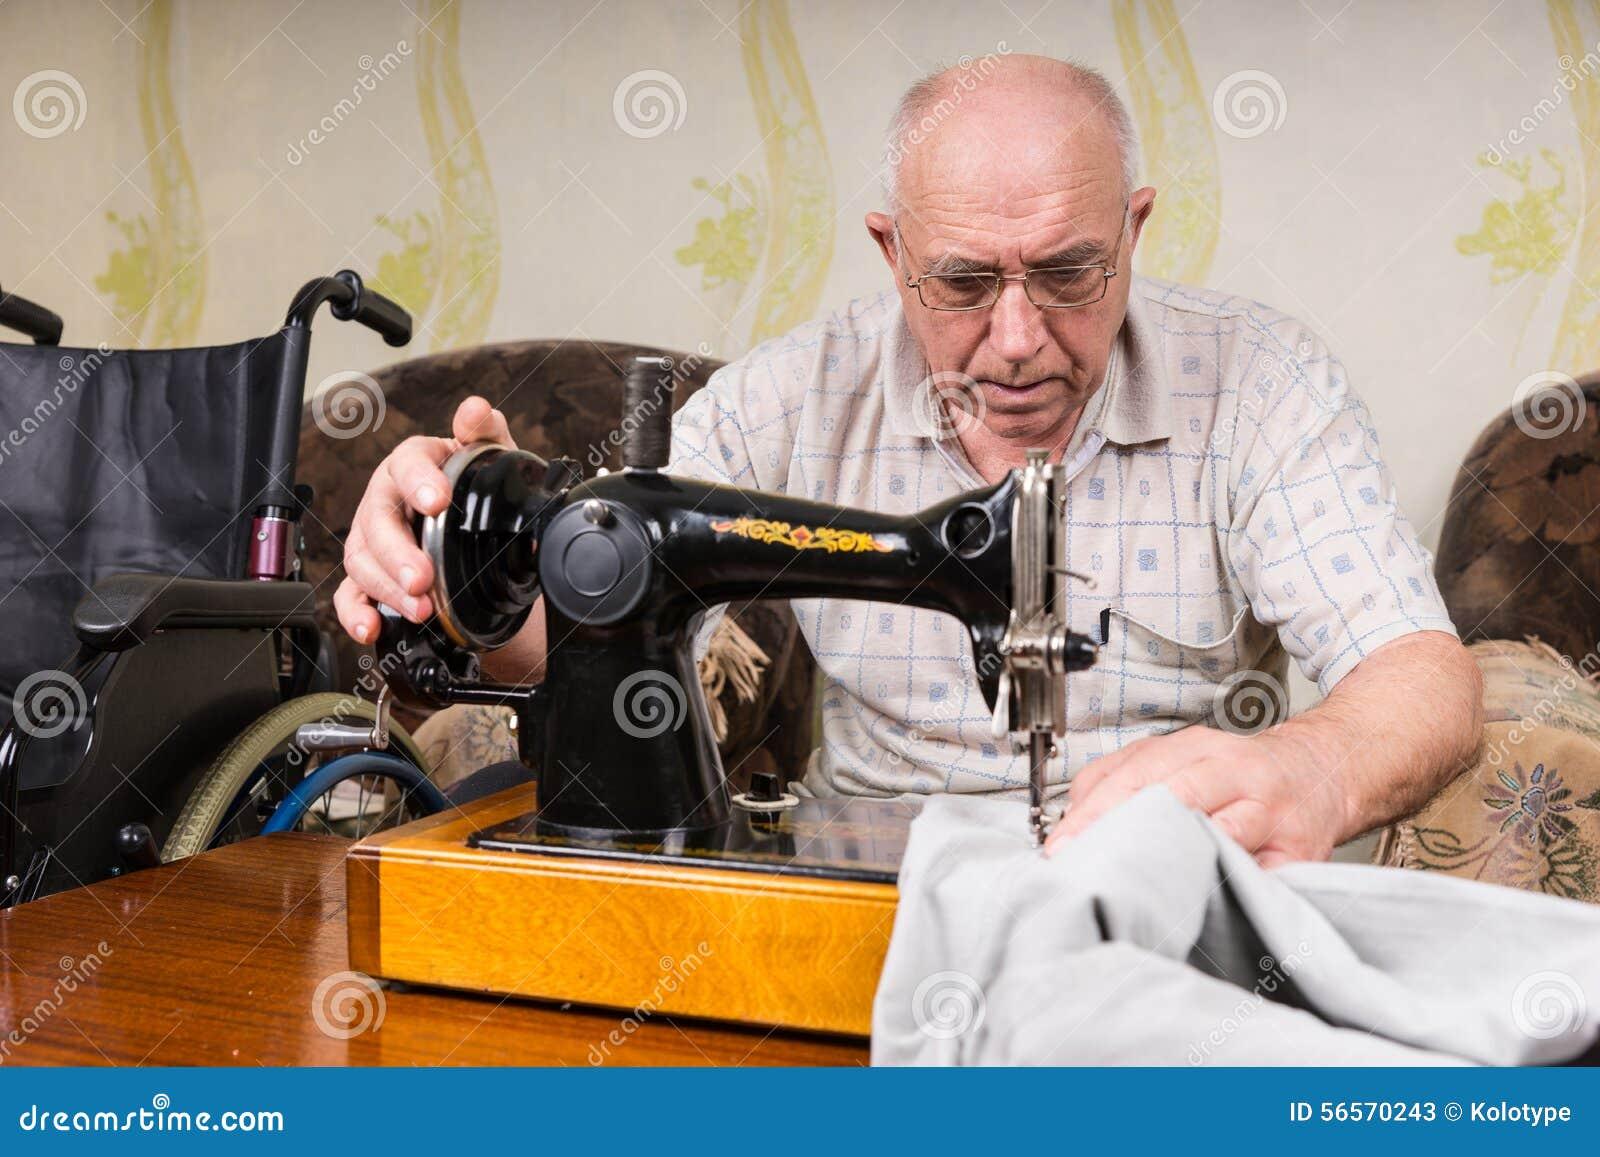 Download Ανώτερο άτομο που χρησιμοποιεί την ντεμοντέ ράβοντας μηχανή Στοκ Εικόνα - εικόνα από ανικανότητα, διαμορφωμένος: 56570243